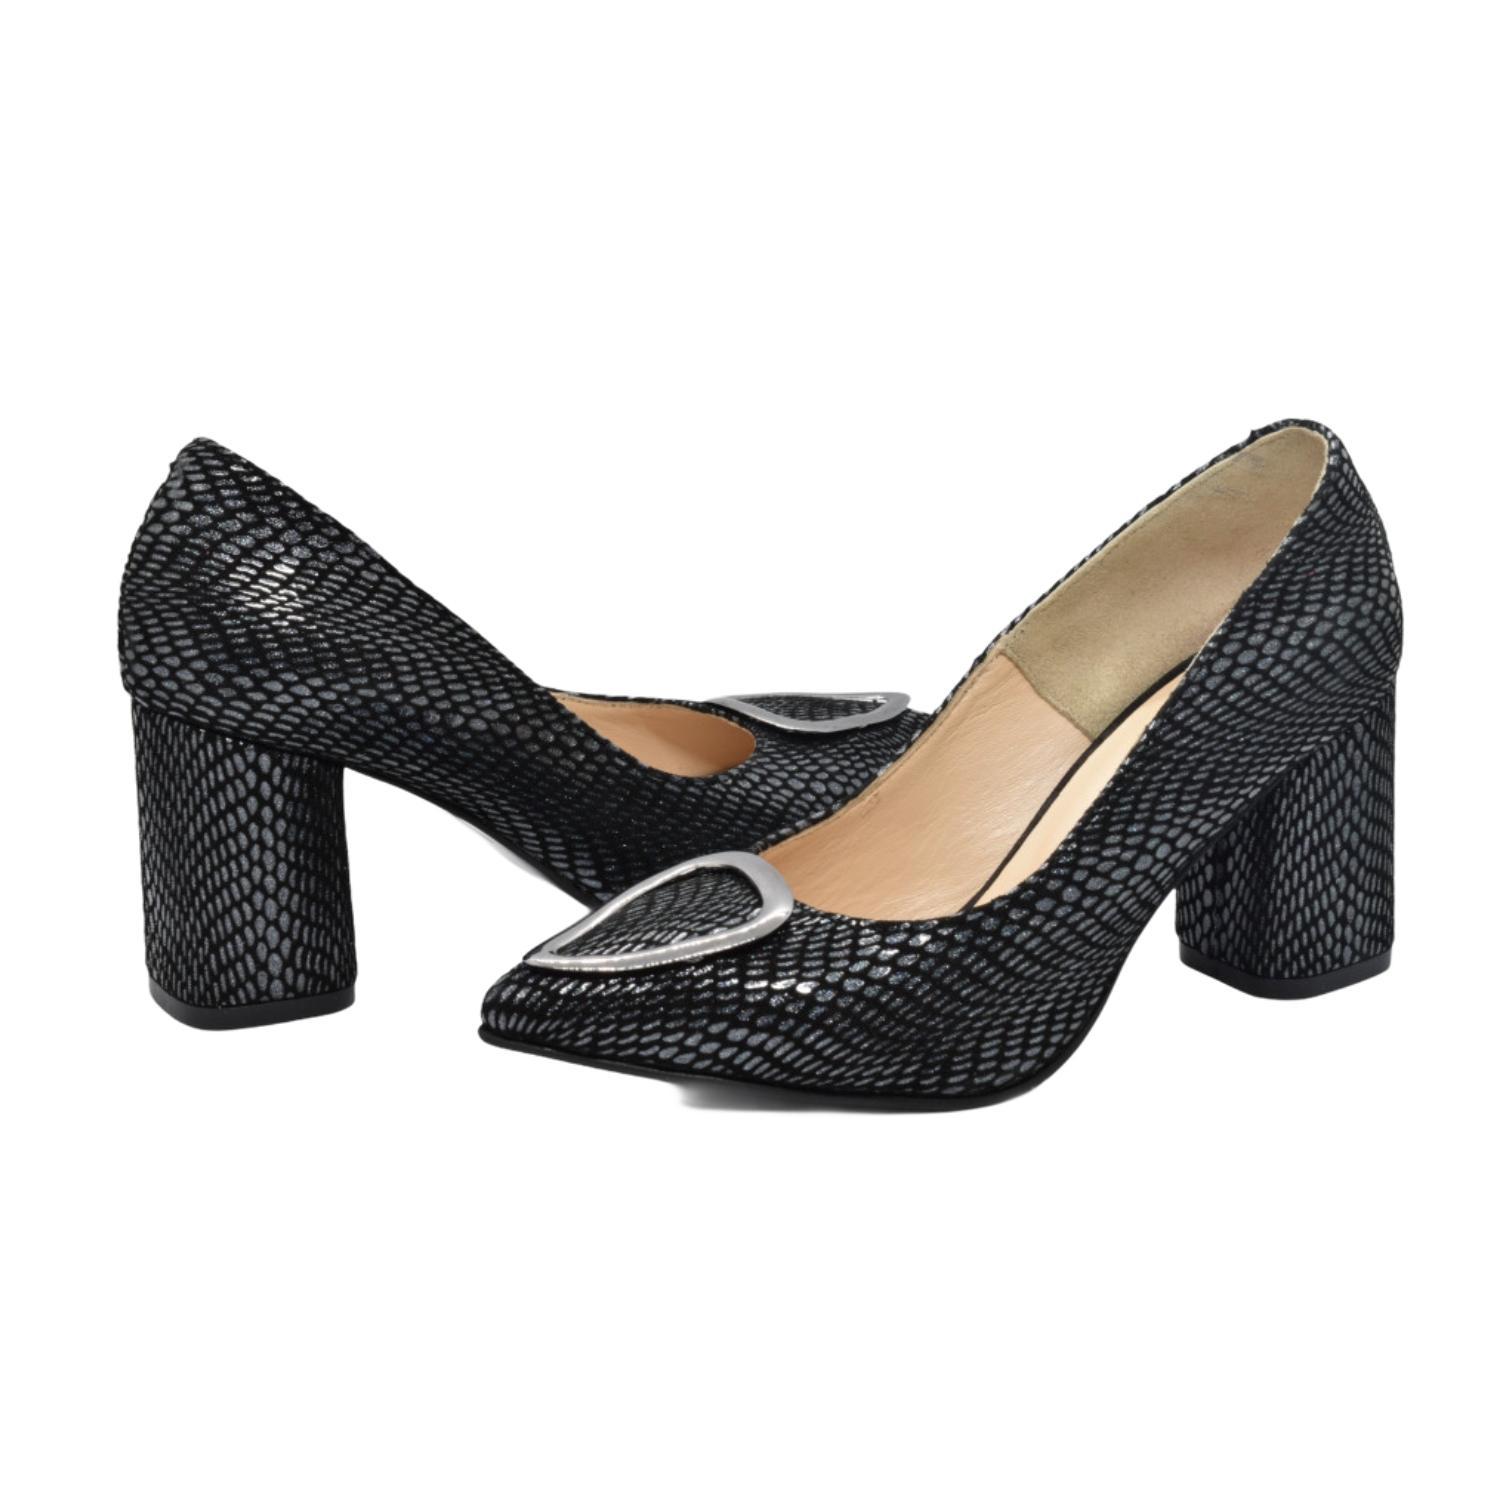 Pantofi negri cu imprimeu argintiu si accesoriu metalic